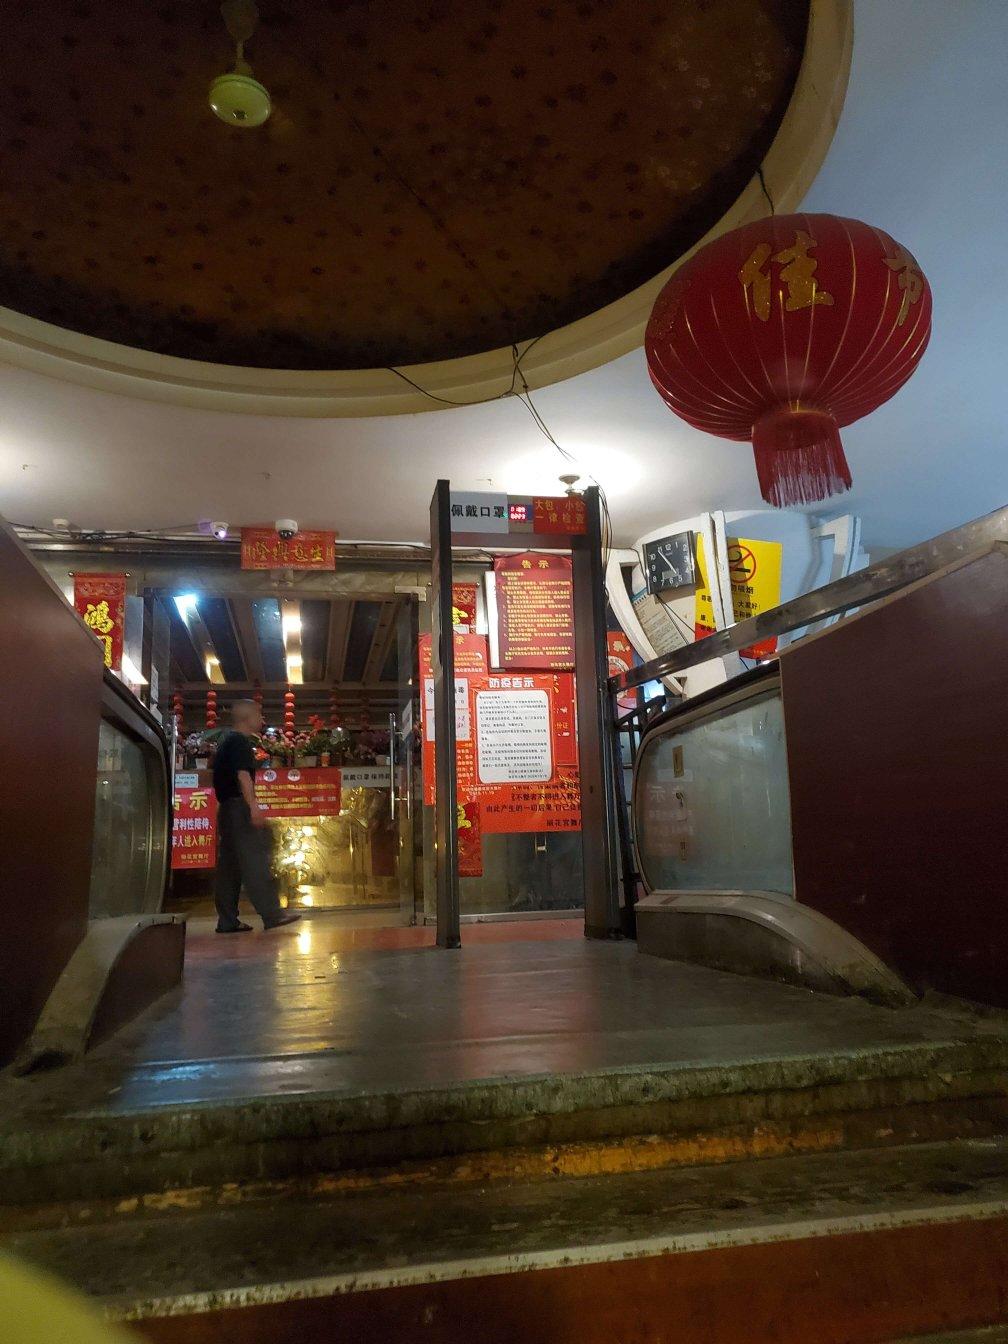 蘇州黒舞庁の完全復活!?2020初夏Part2 参考画像